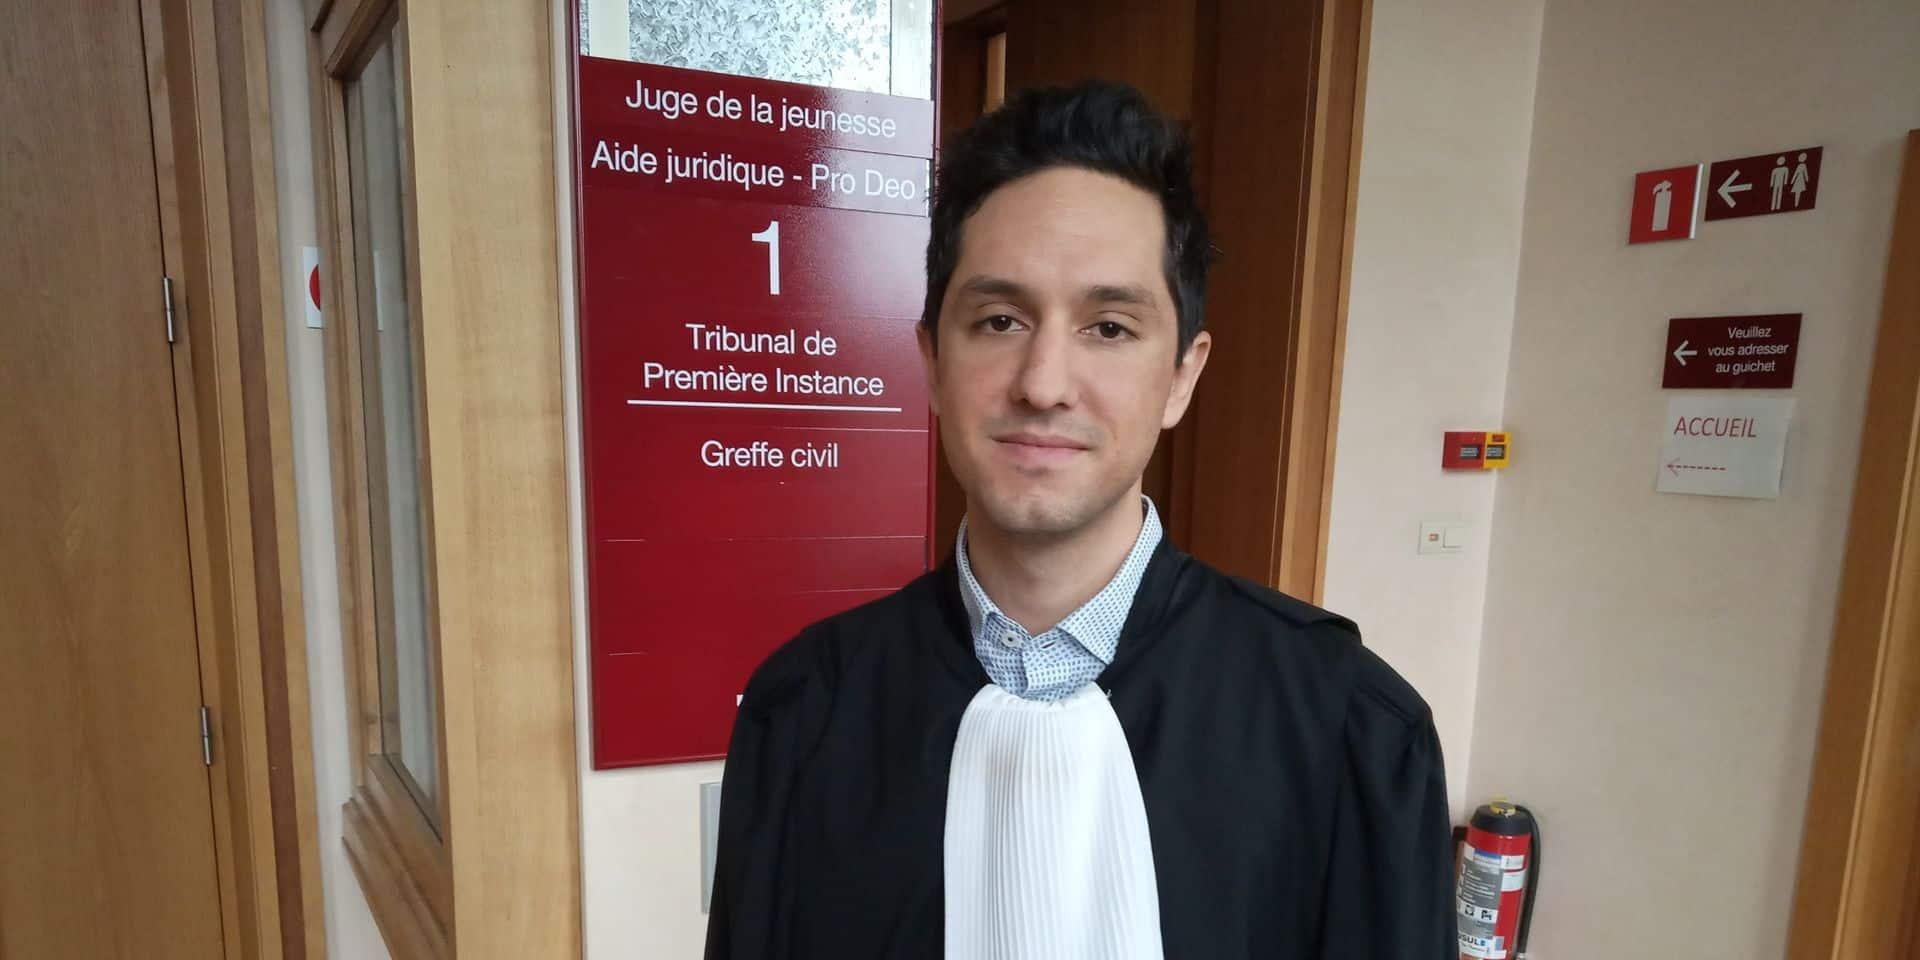 Usurpation d'identité et arnaques automobiles : un Rochefortois condamné à 30 mois de prison